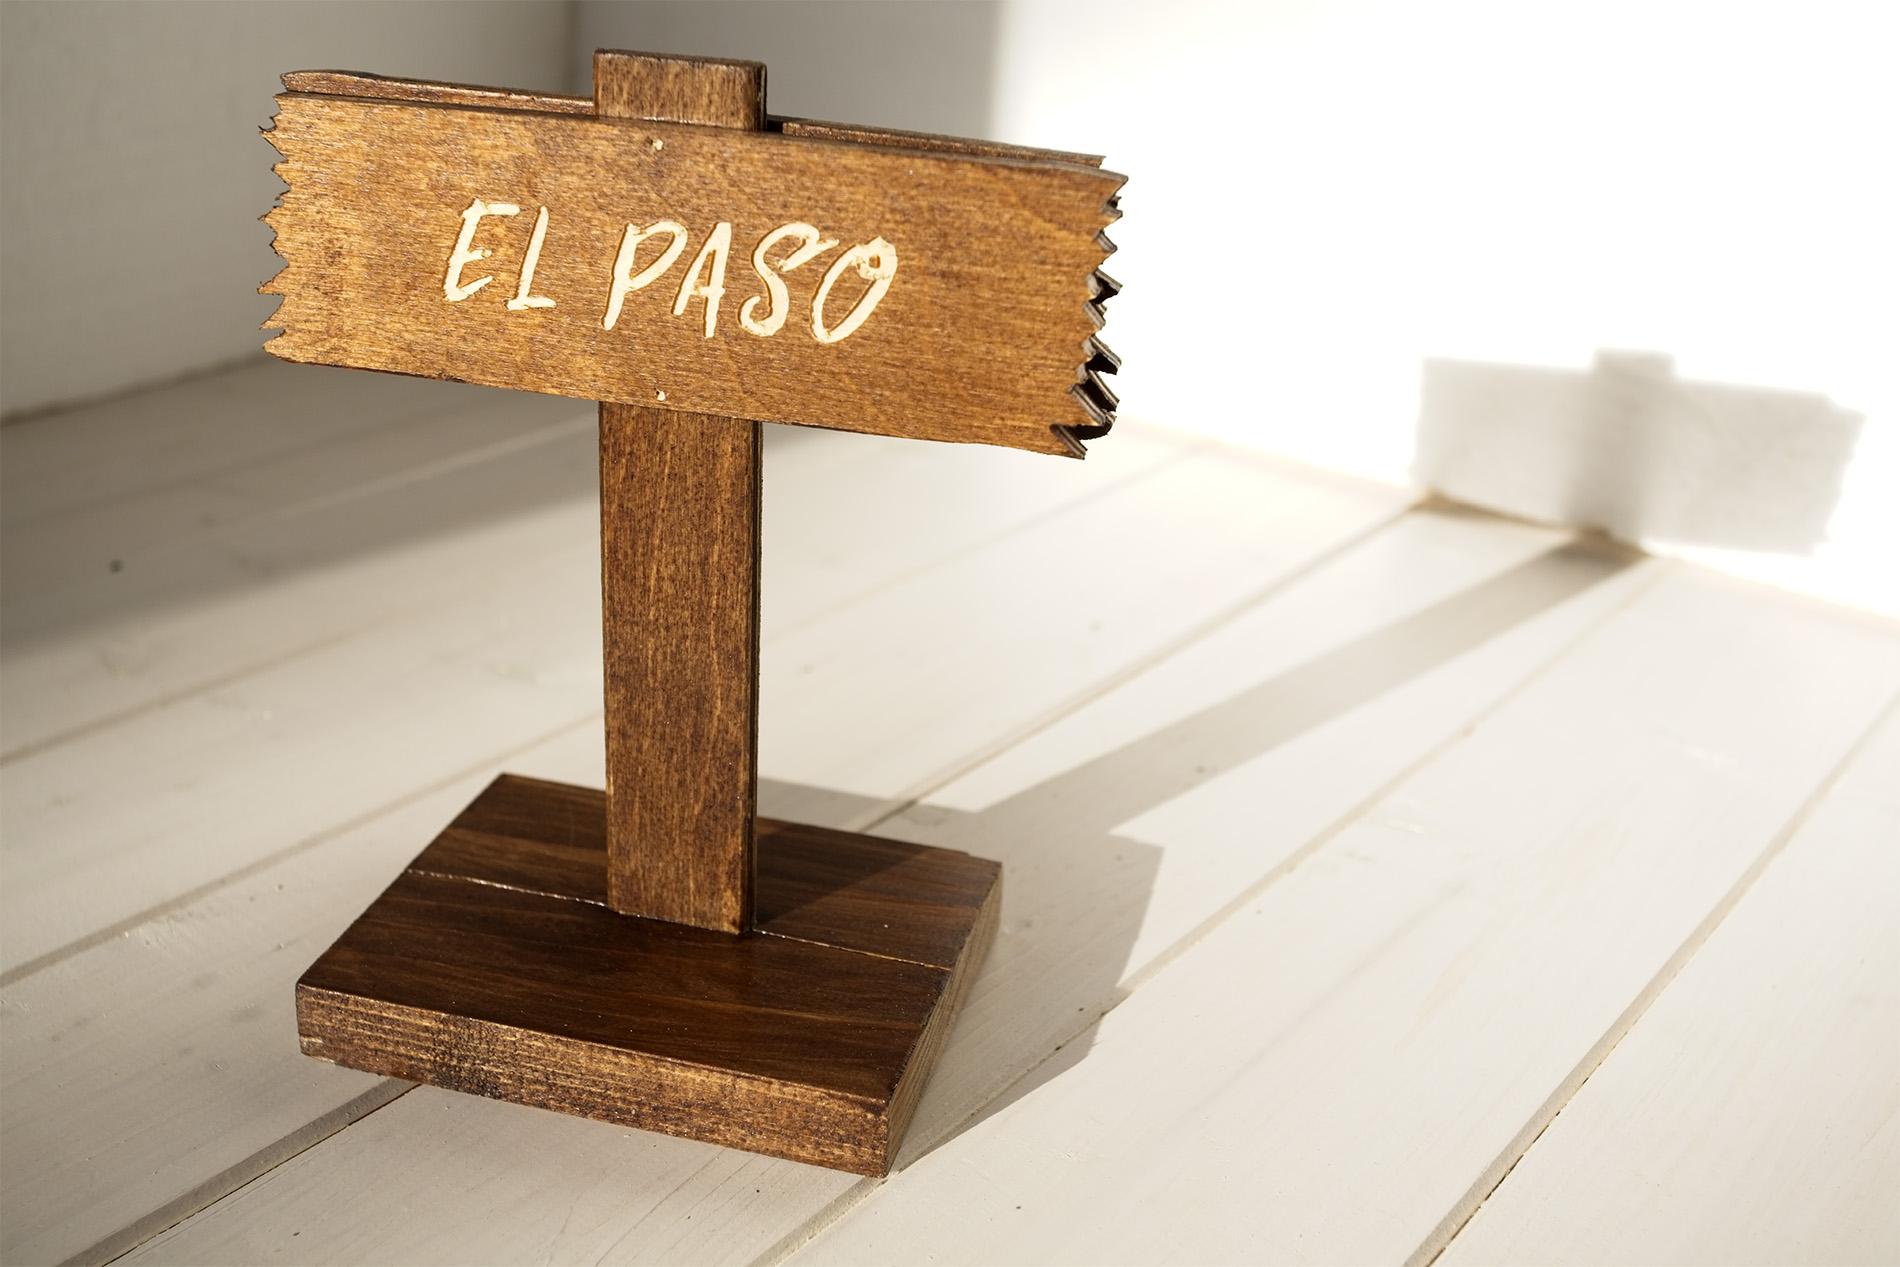 Segnatavolo Segnaposto Wild West - El Paso